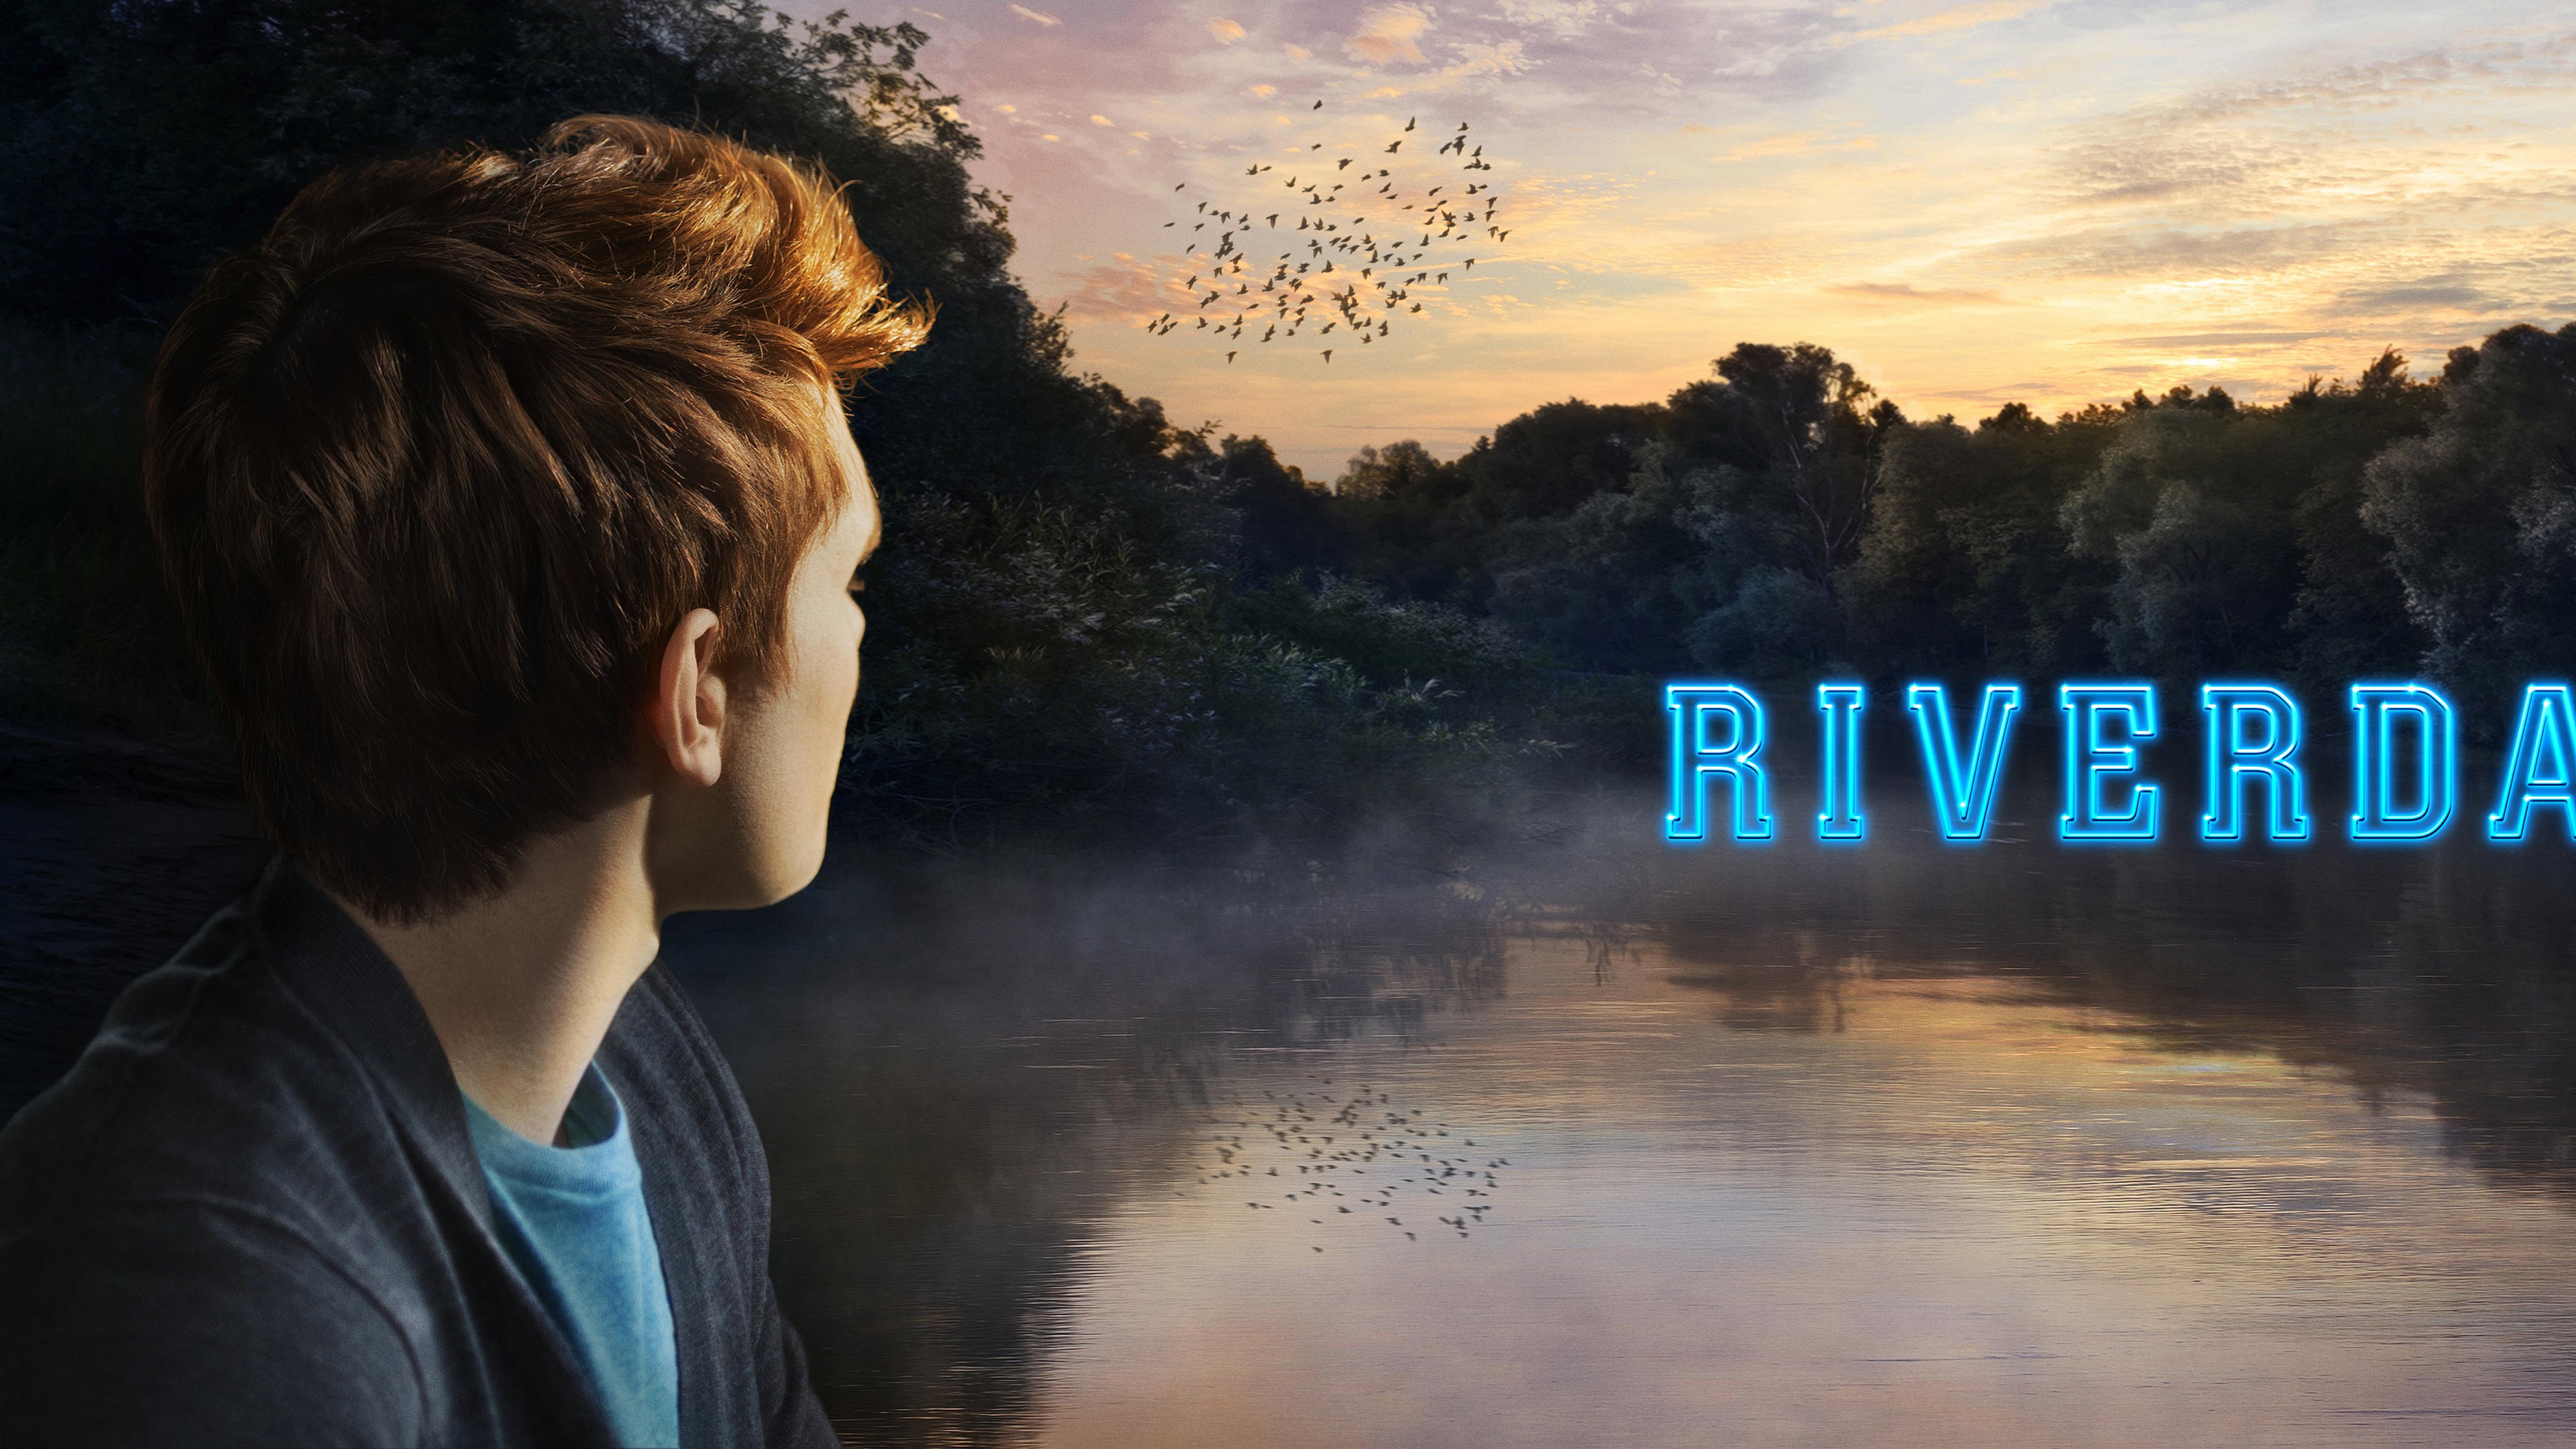 Riverdale, HD 4K Wallpaper